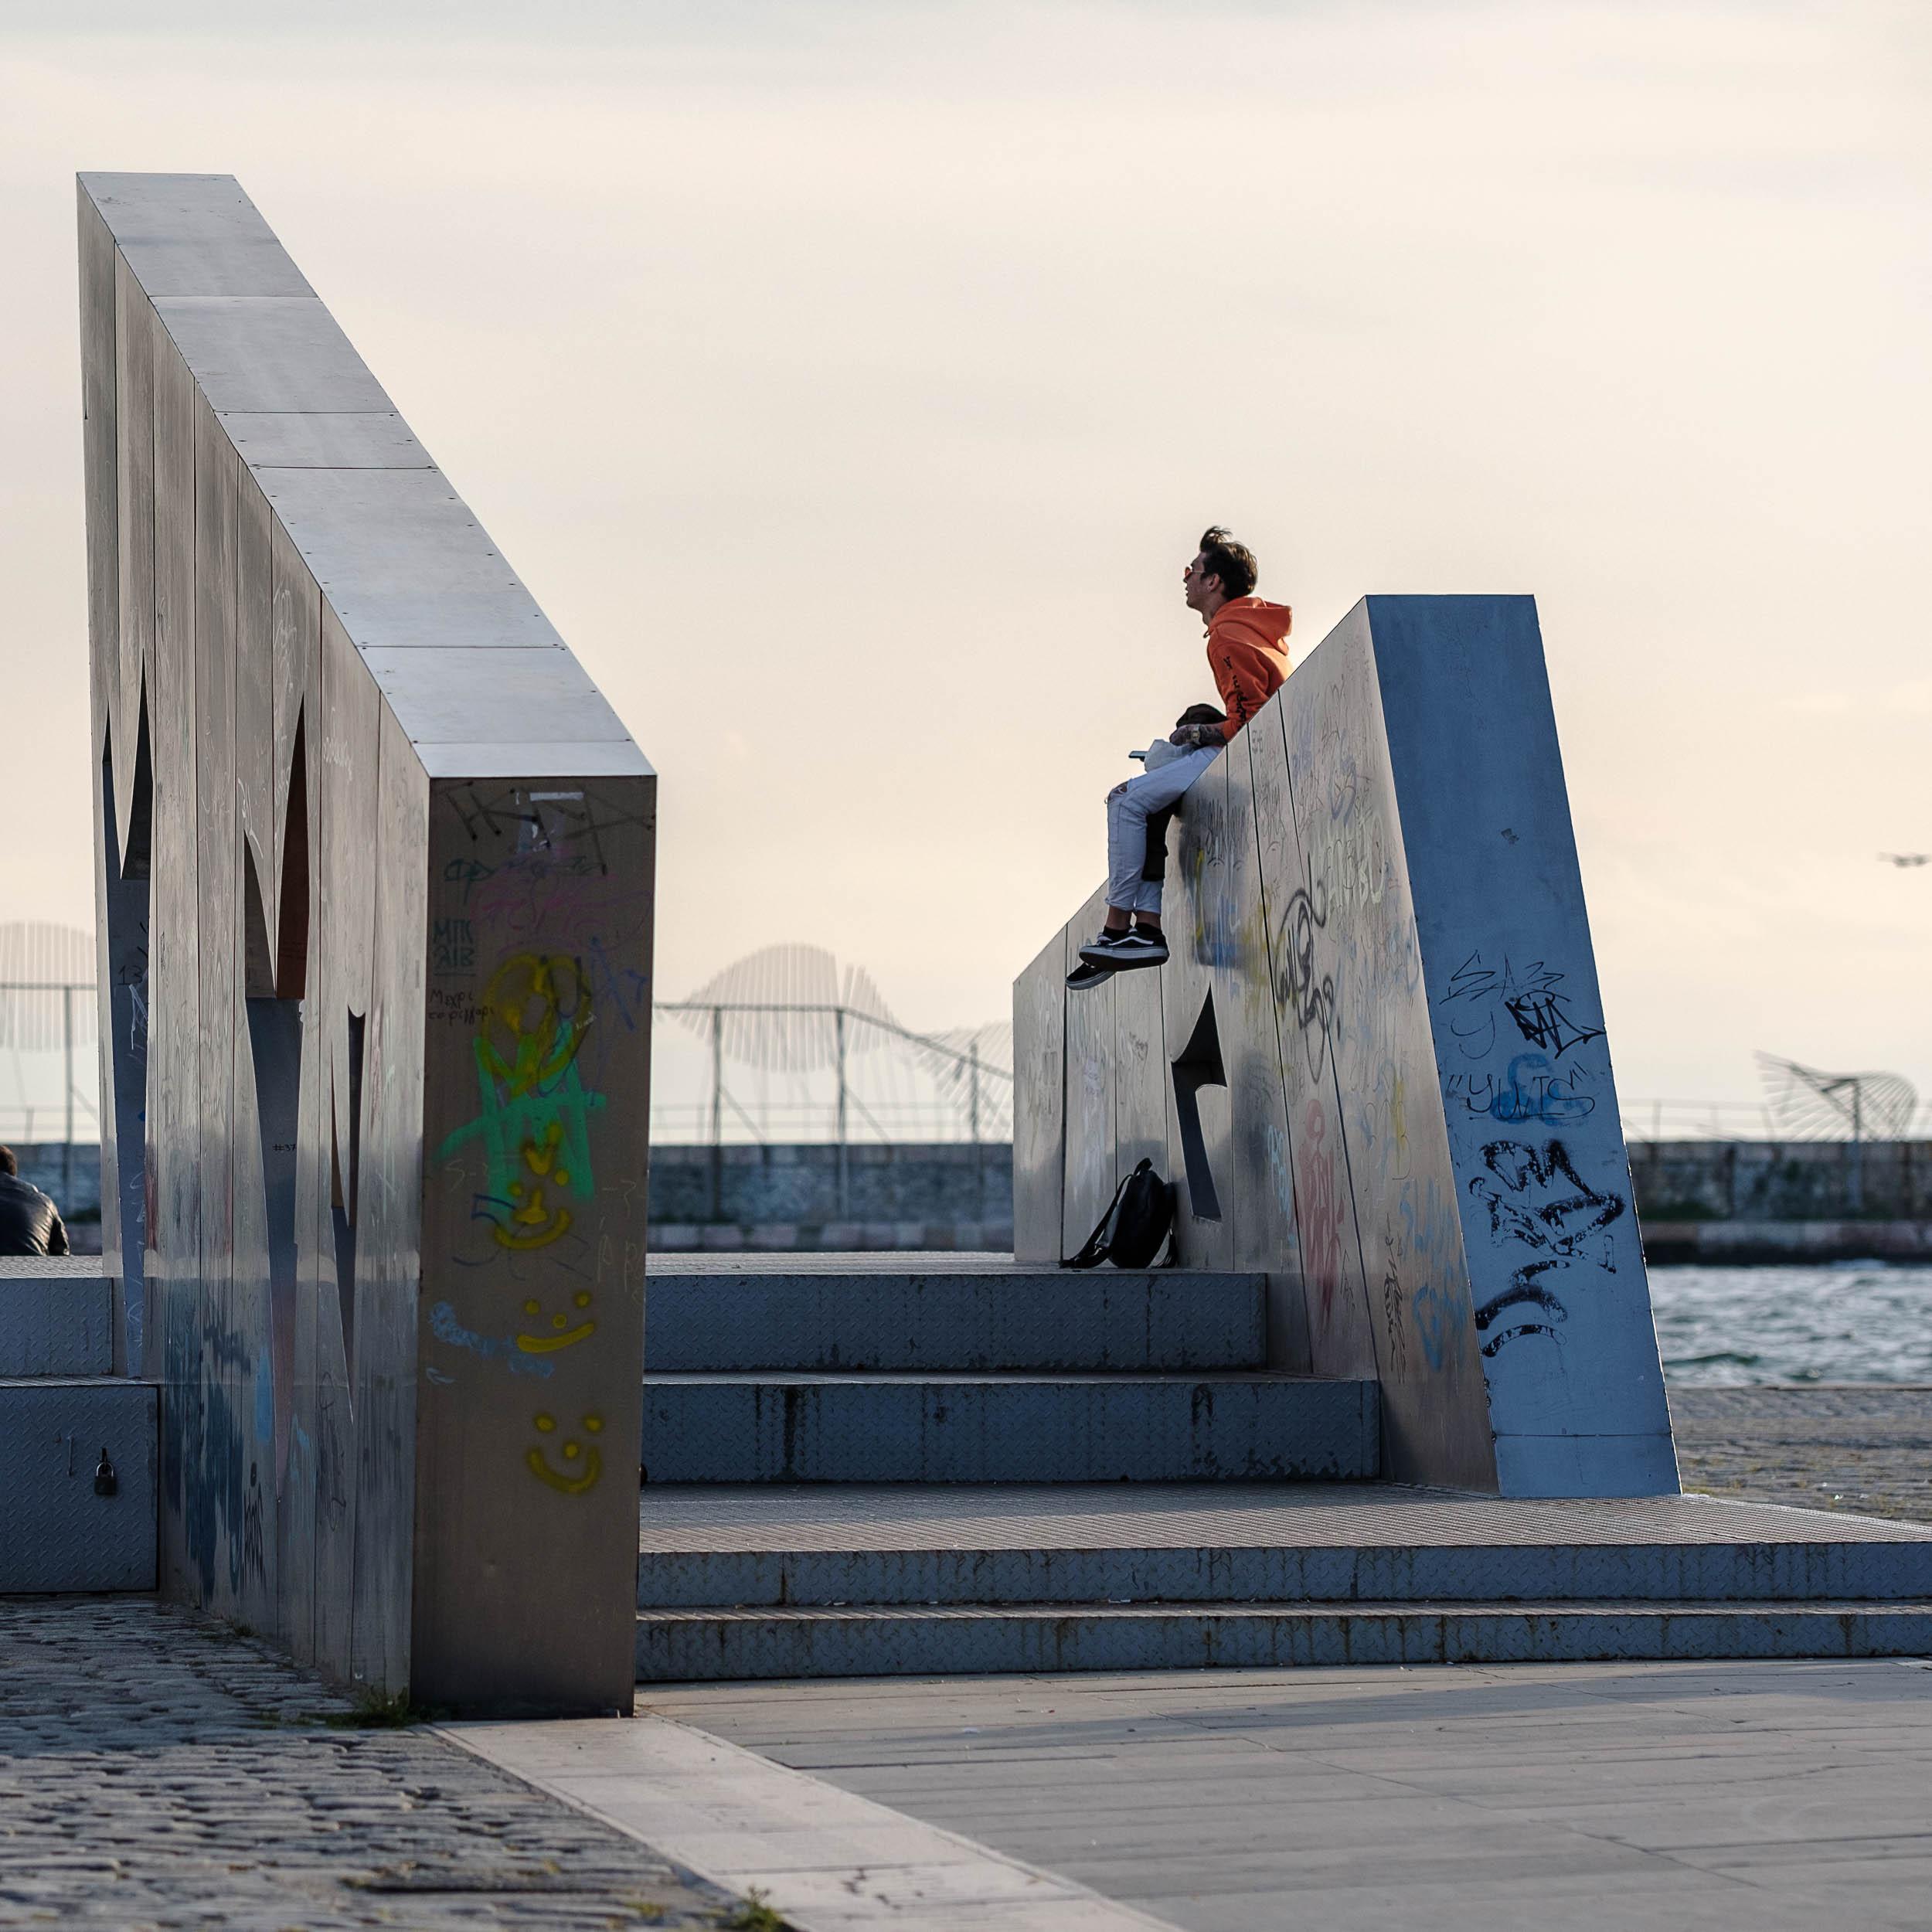 am Wasser, Thessaloniki, Griechenland